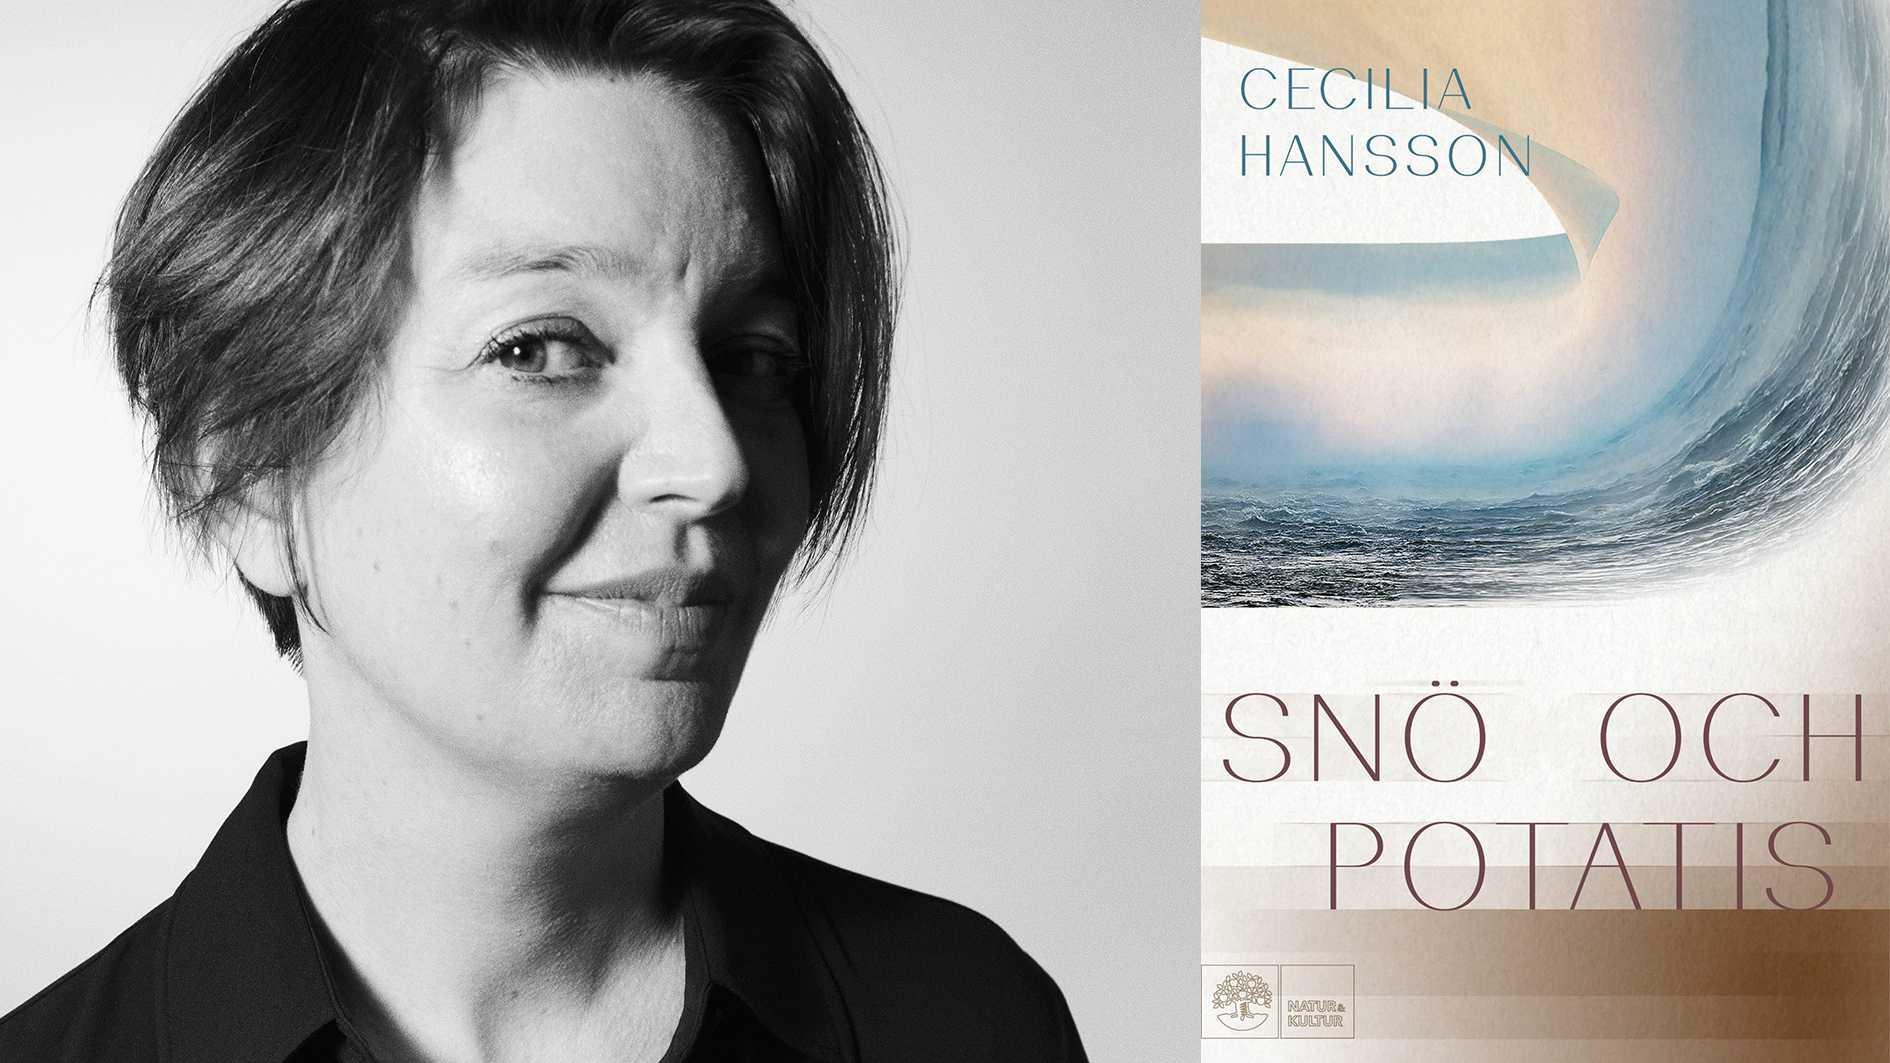 """Cecilia Hansson (född 1973) författare, journalist och översättare. Hon debuterade med diktsamlingen """"Revbensdagar, morgnar"""" 2002 och fick tidigare i år Svenska Akademiens Bernadottestipendium för projektet """"Kafkas lungor""""."""